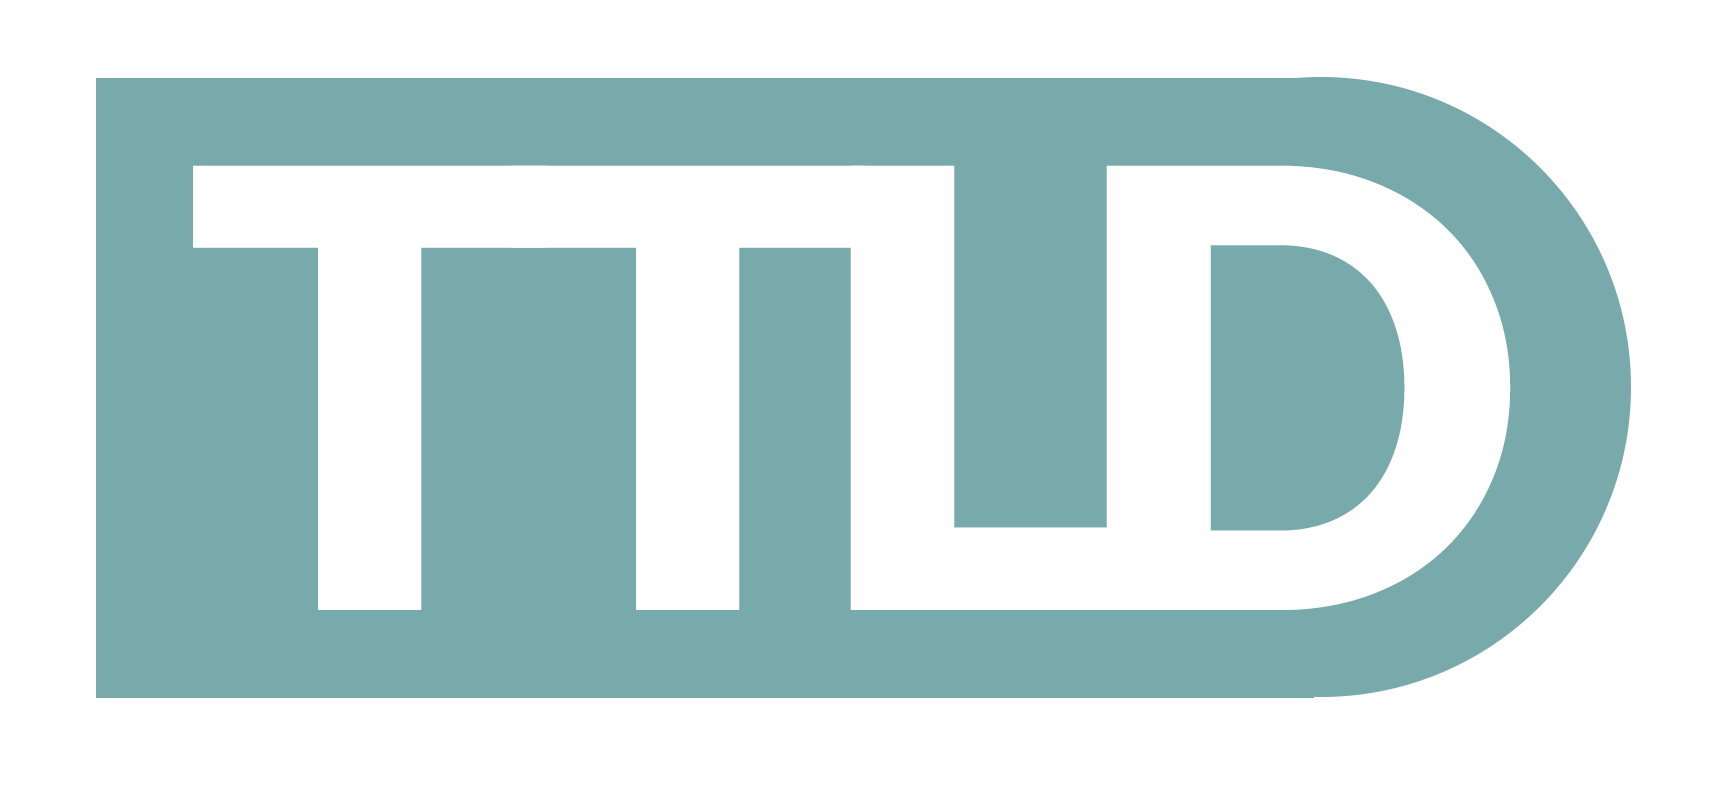 Through the line design logo